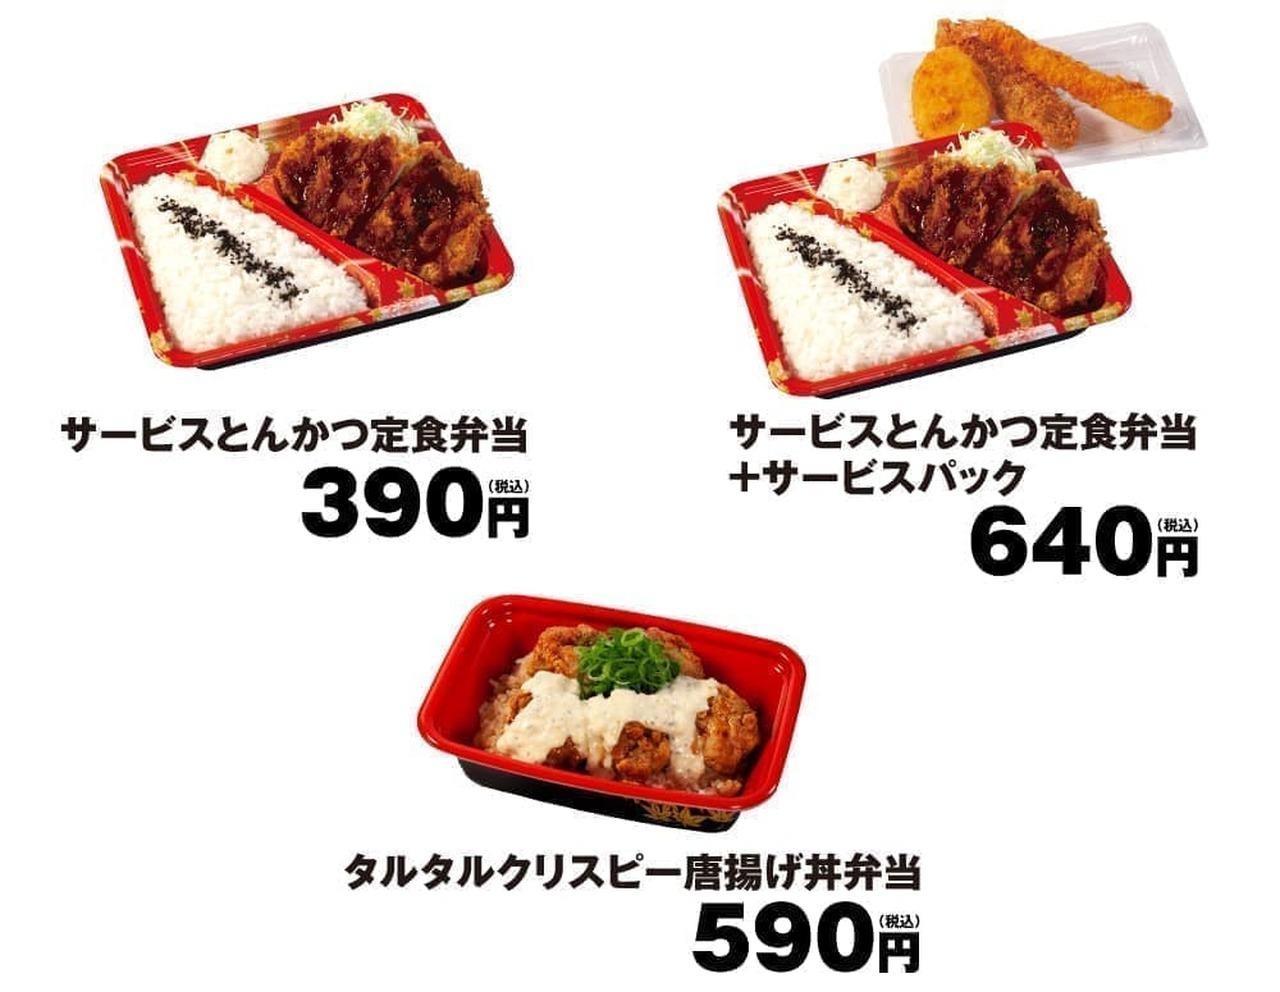 松のや・松乃家「お得なお弁当Week」